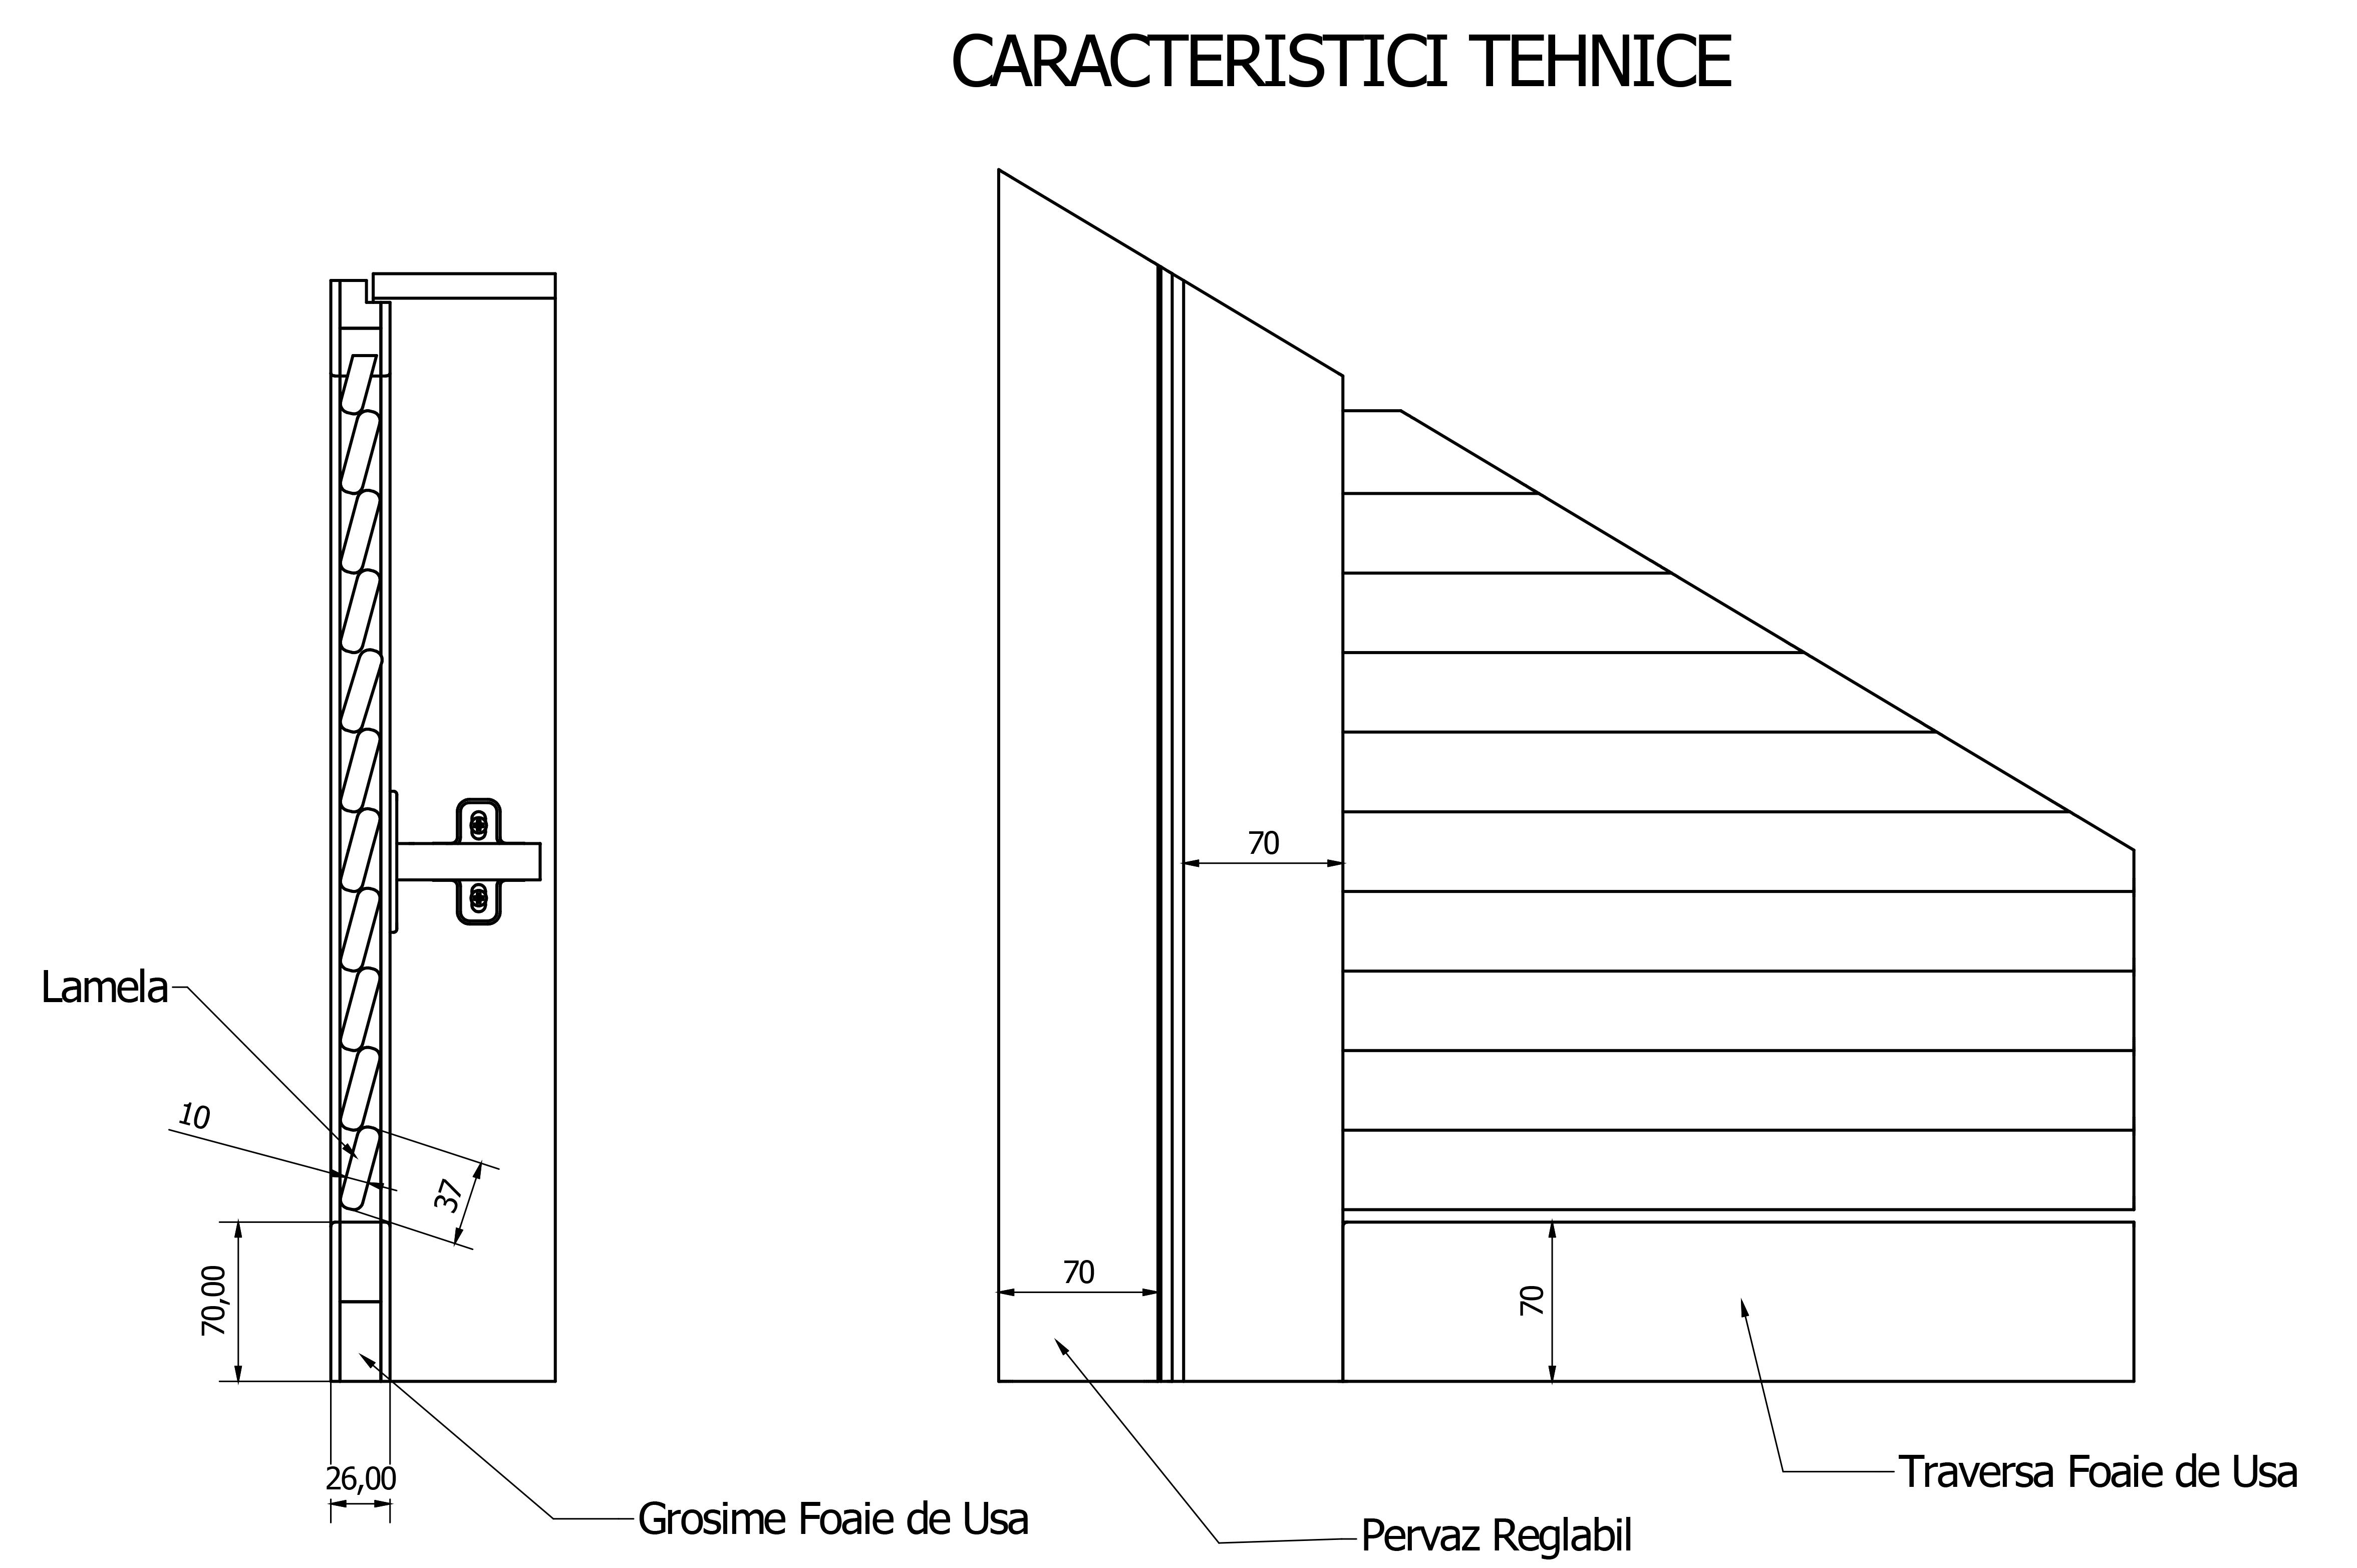 caracteristici-tehnice-1492245600.jpg